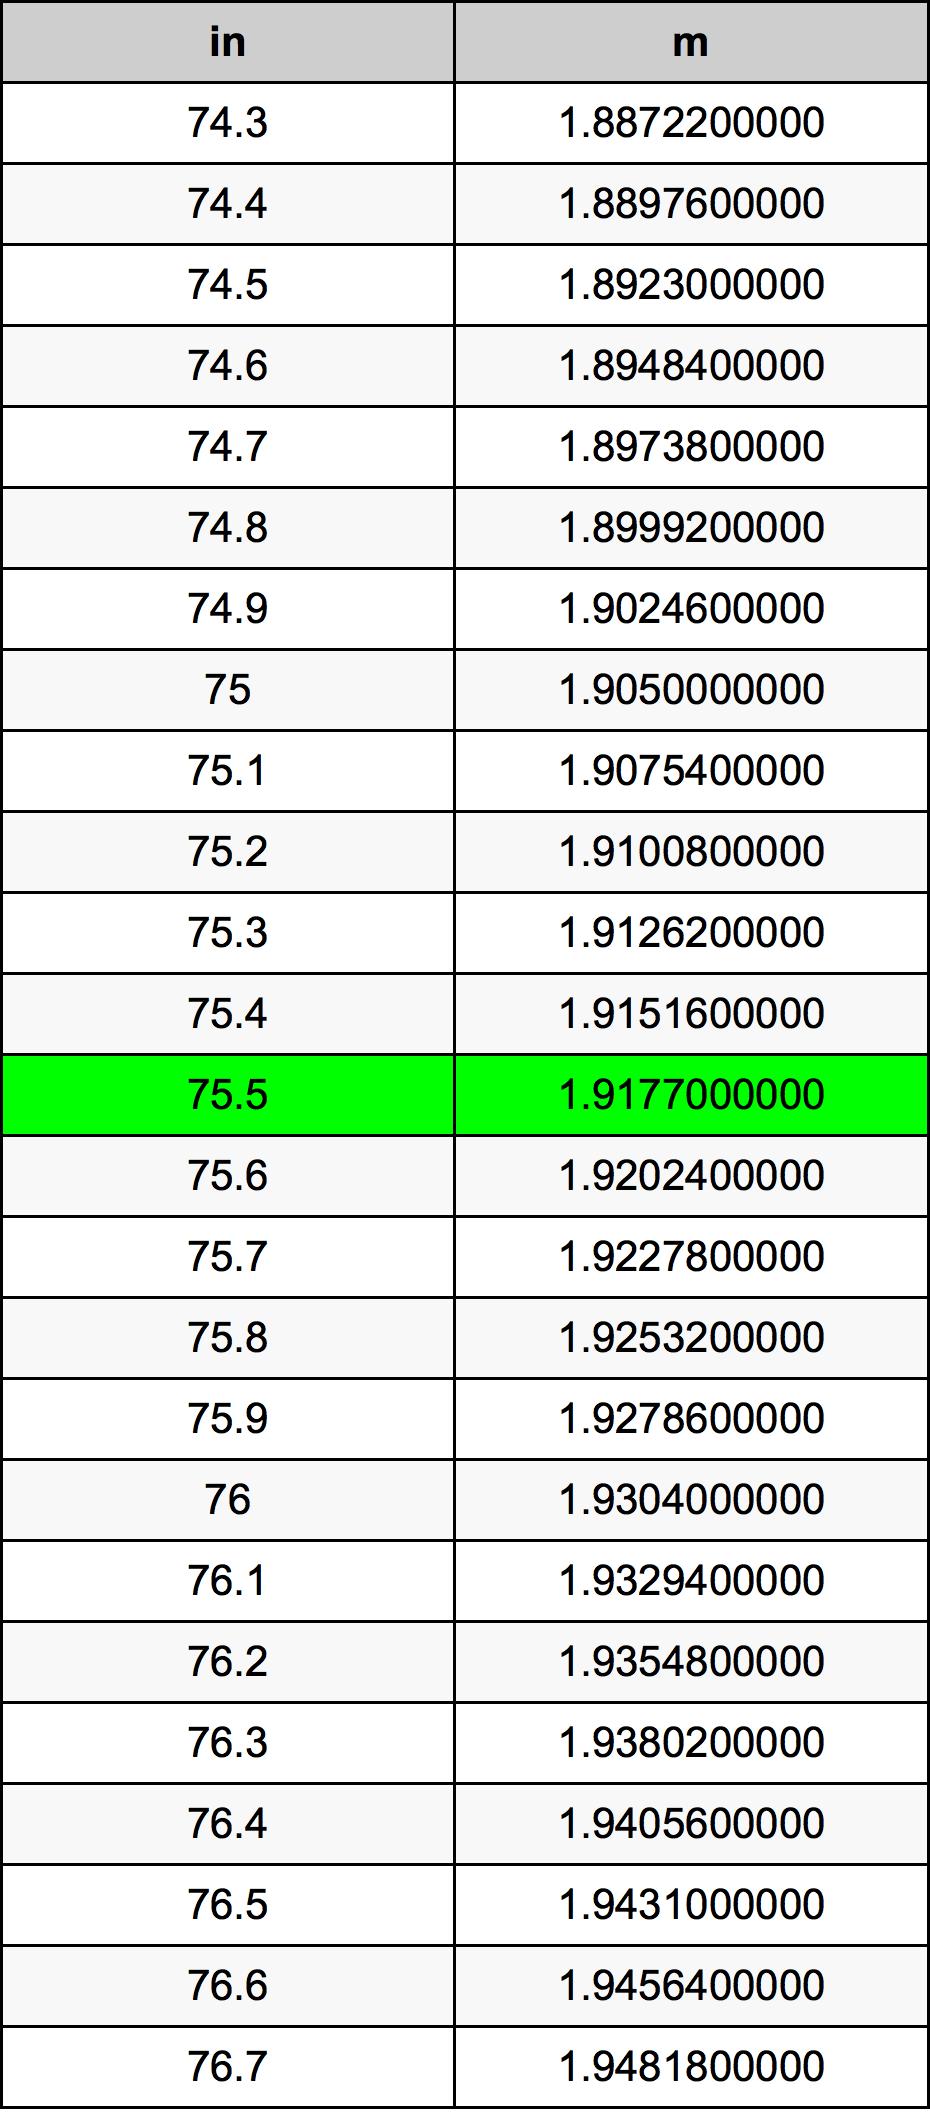 75.5 Tomme konverteringstabellen